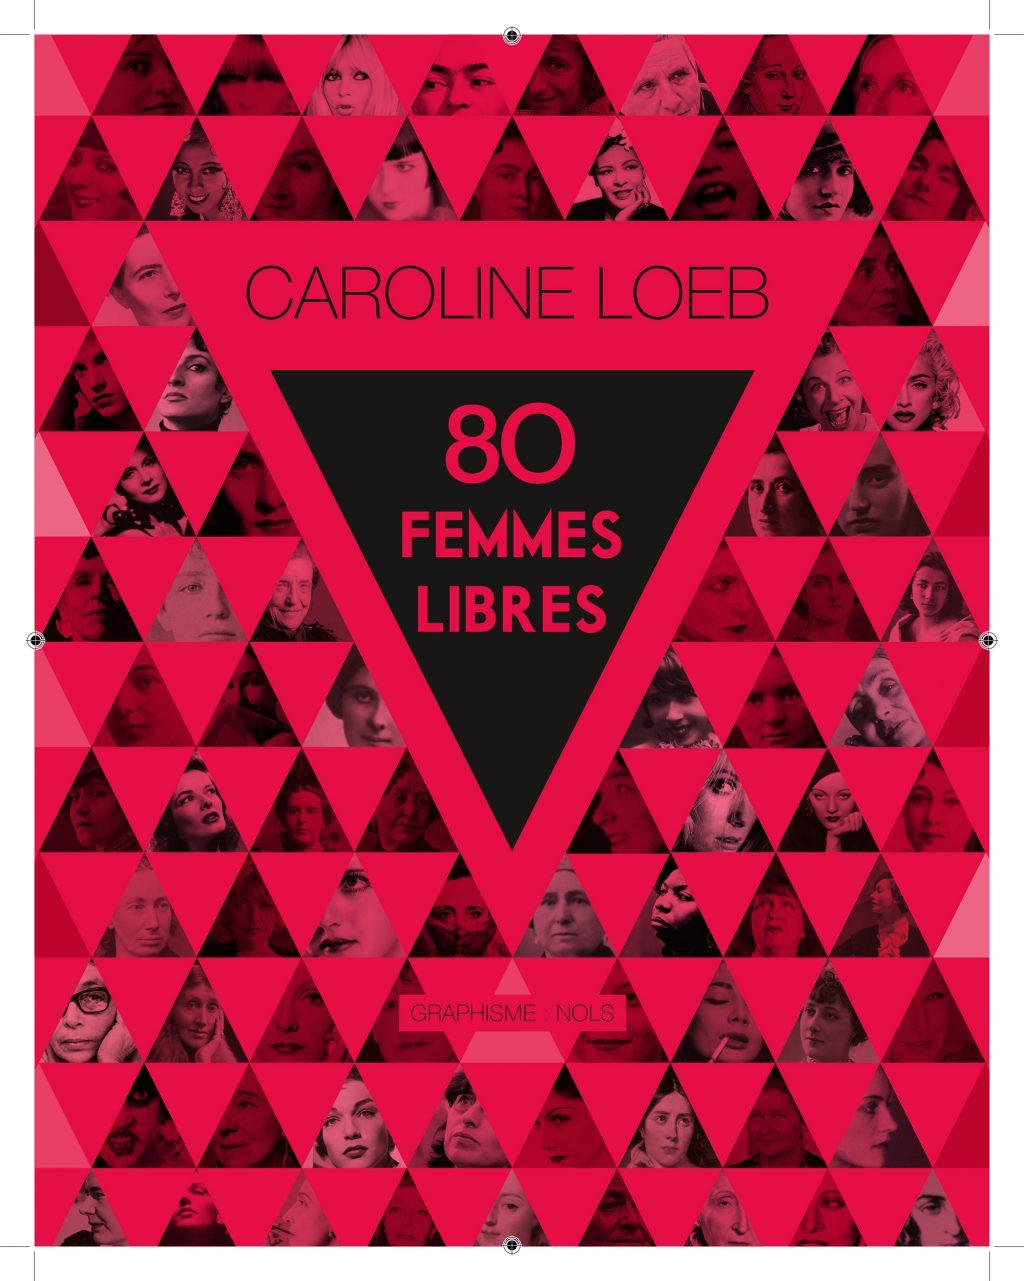 80_femmes_libres_web_print-1